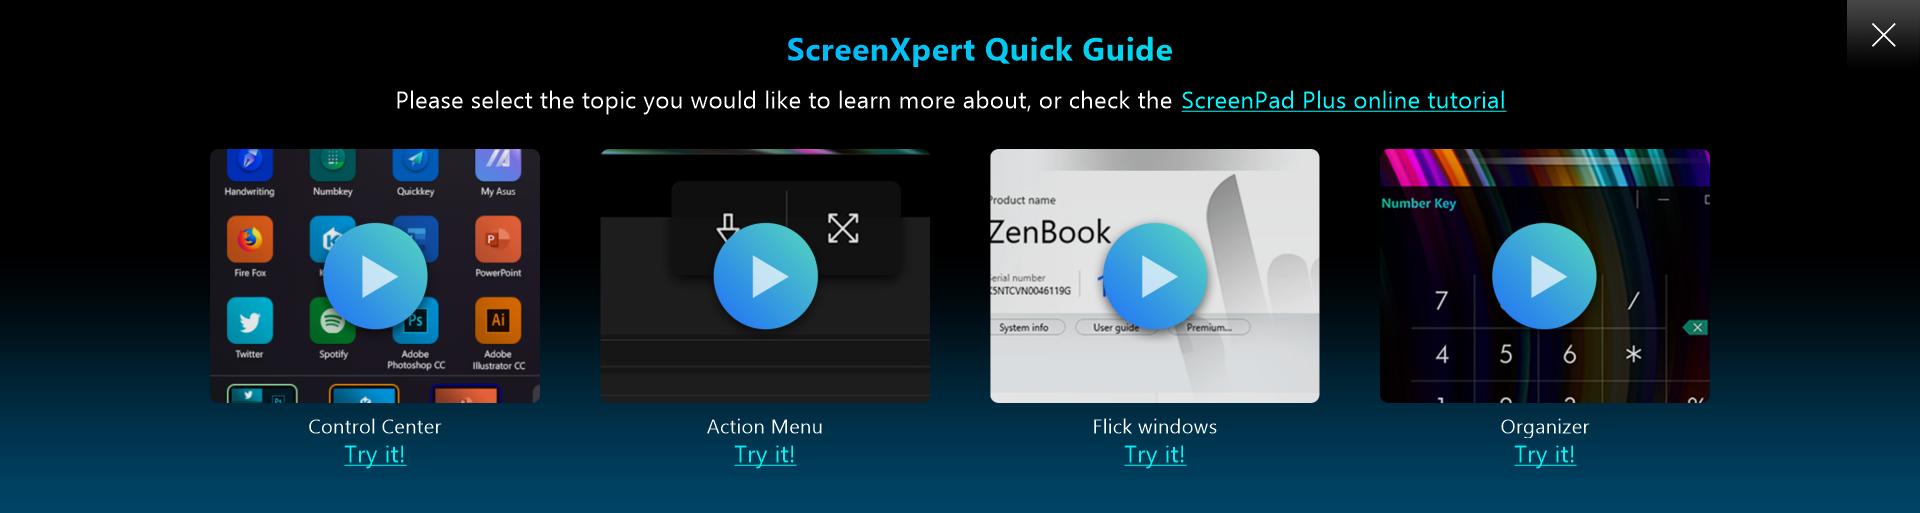 Обучающие ролики ASUS ScreenPad Plus